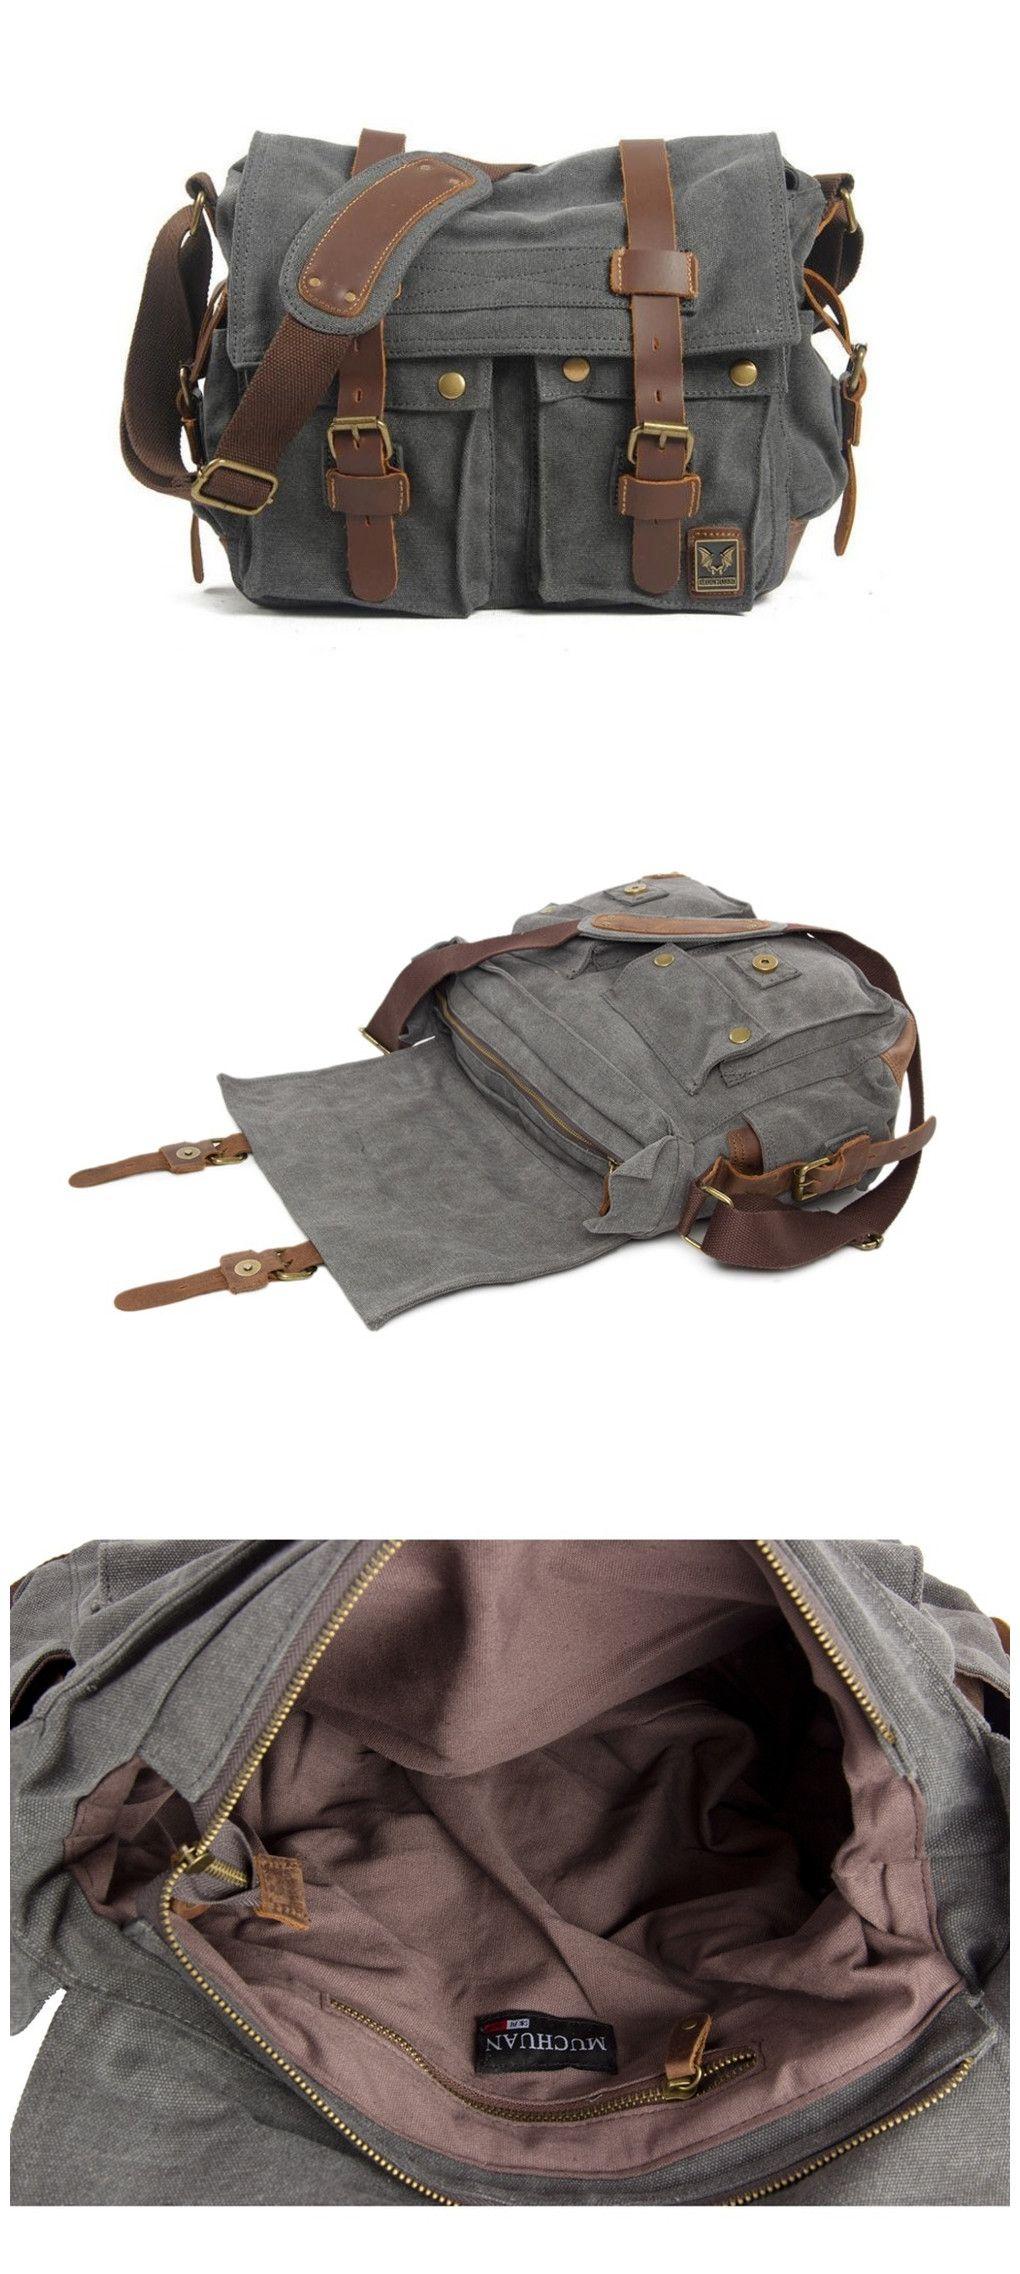 b03cf04b4fa7 Handmade Canvas Tote Bag Messenger Bag School Bag Handbag Shoulder ...